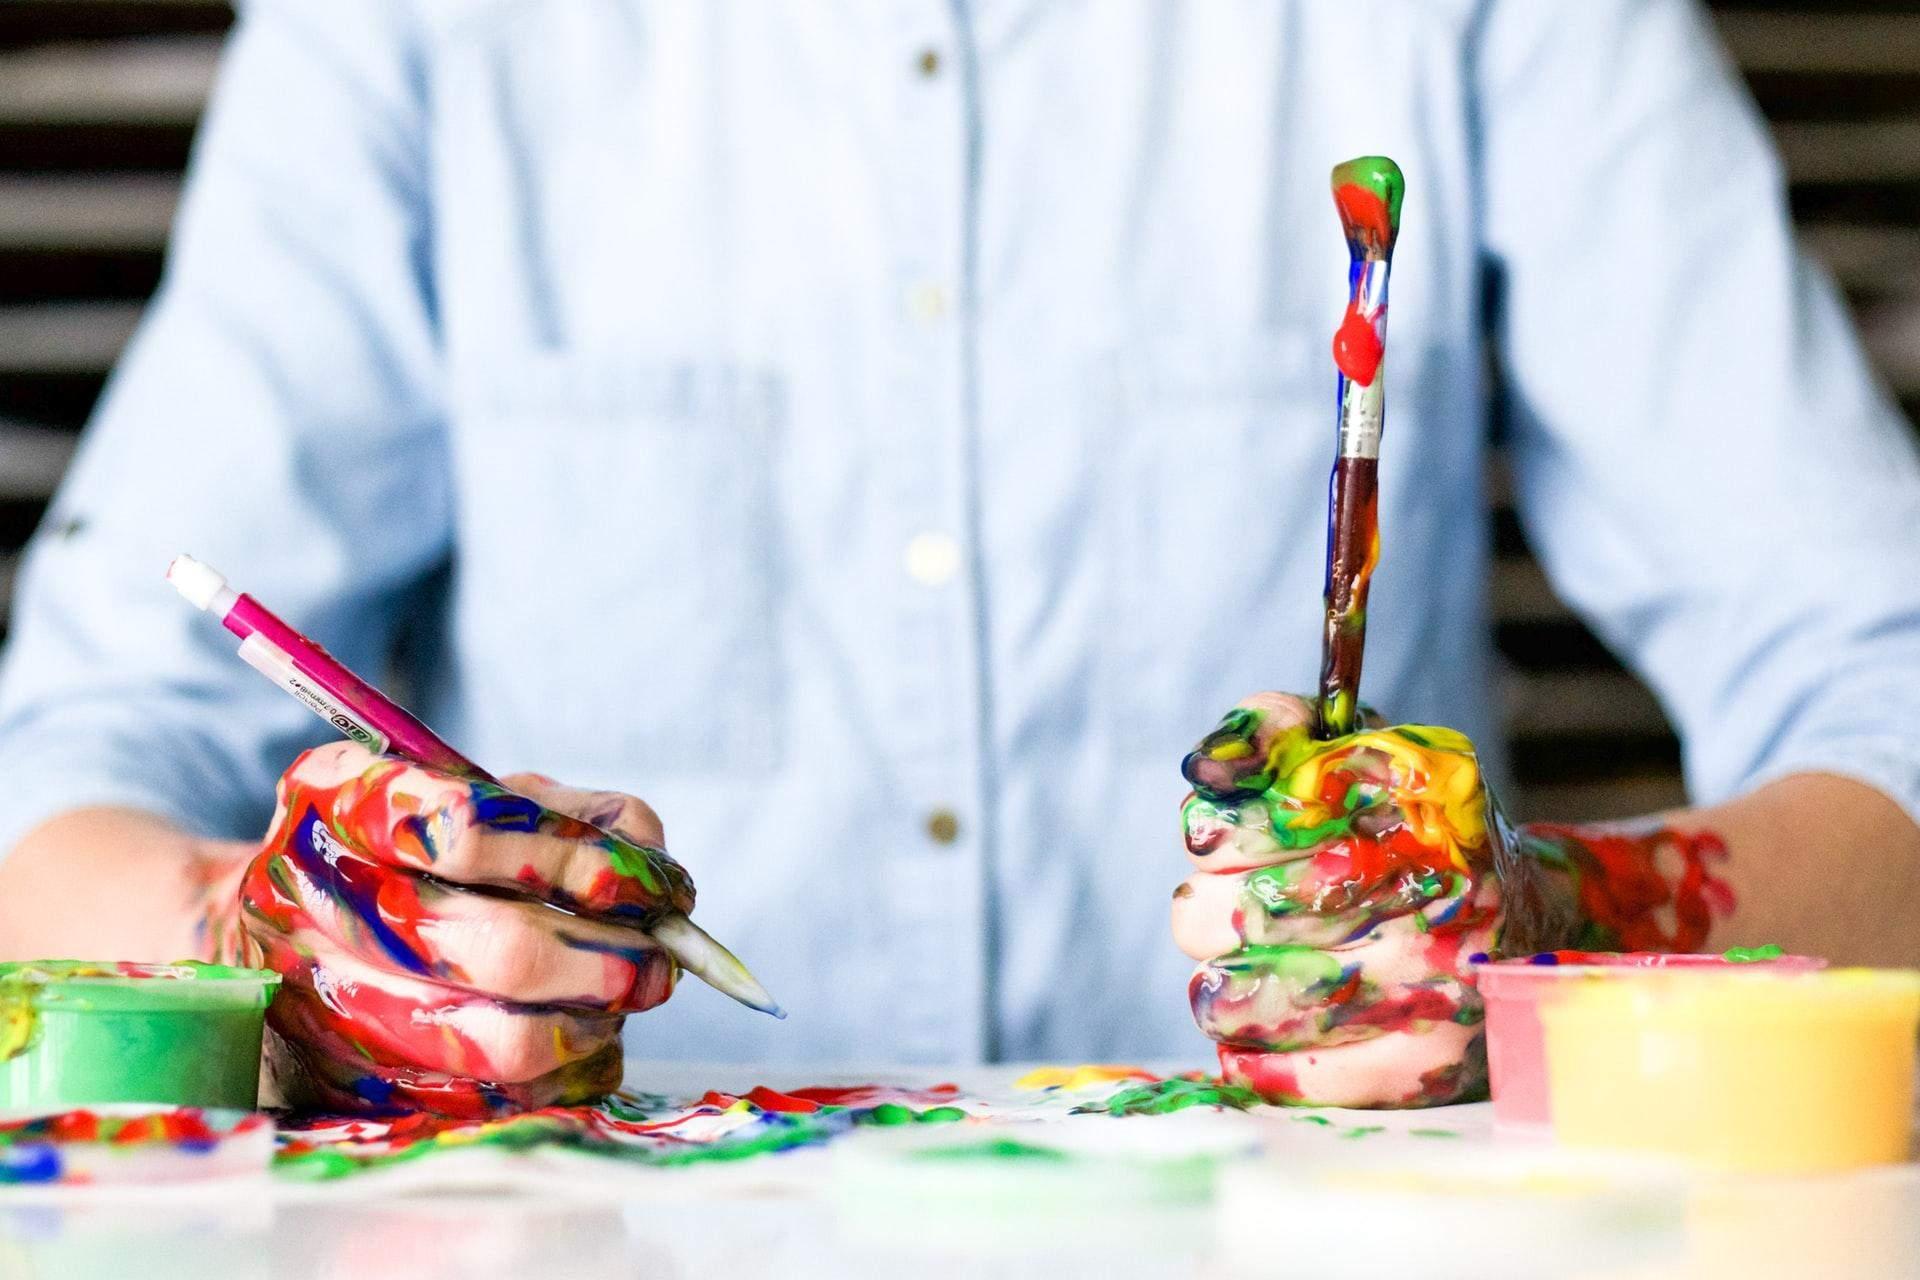 Мистецтво допомагає позбутися від негативу / Фото Unsplash